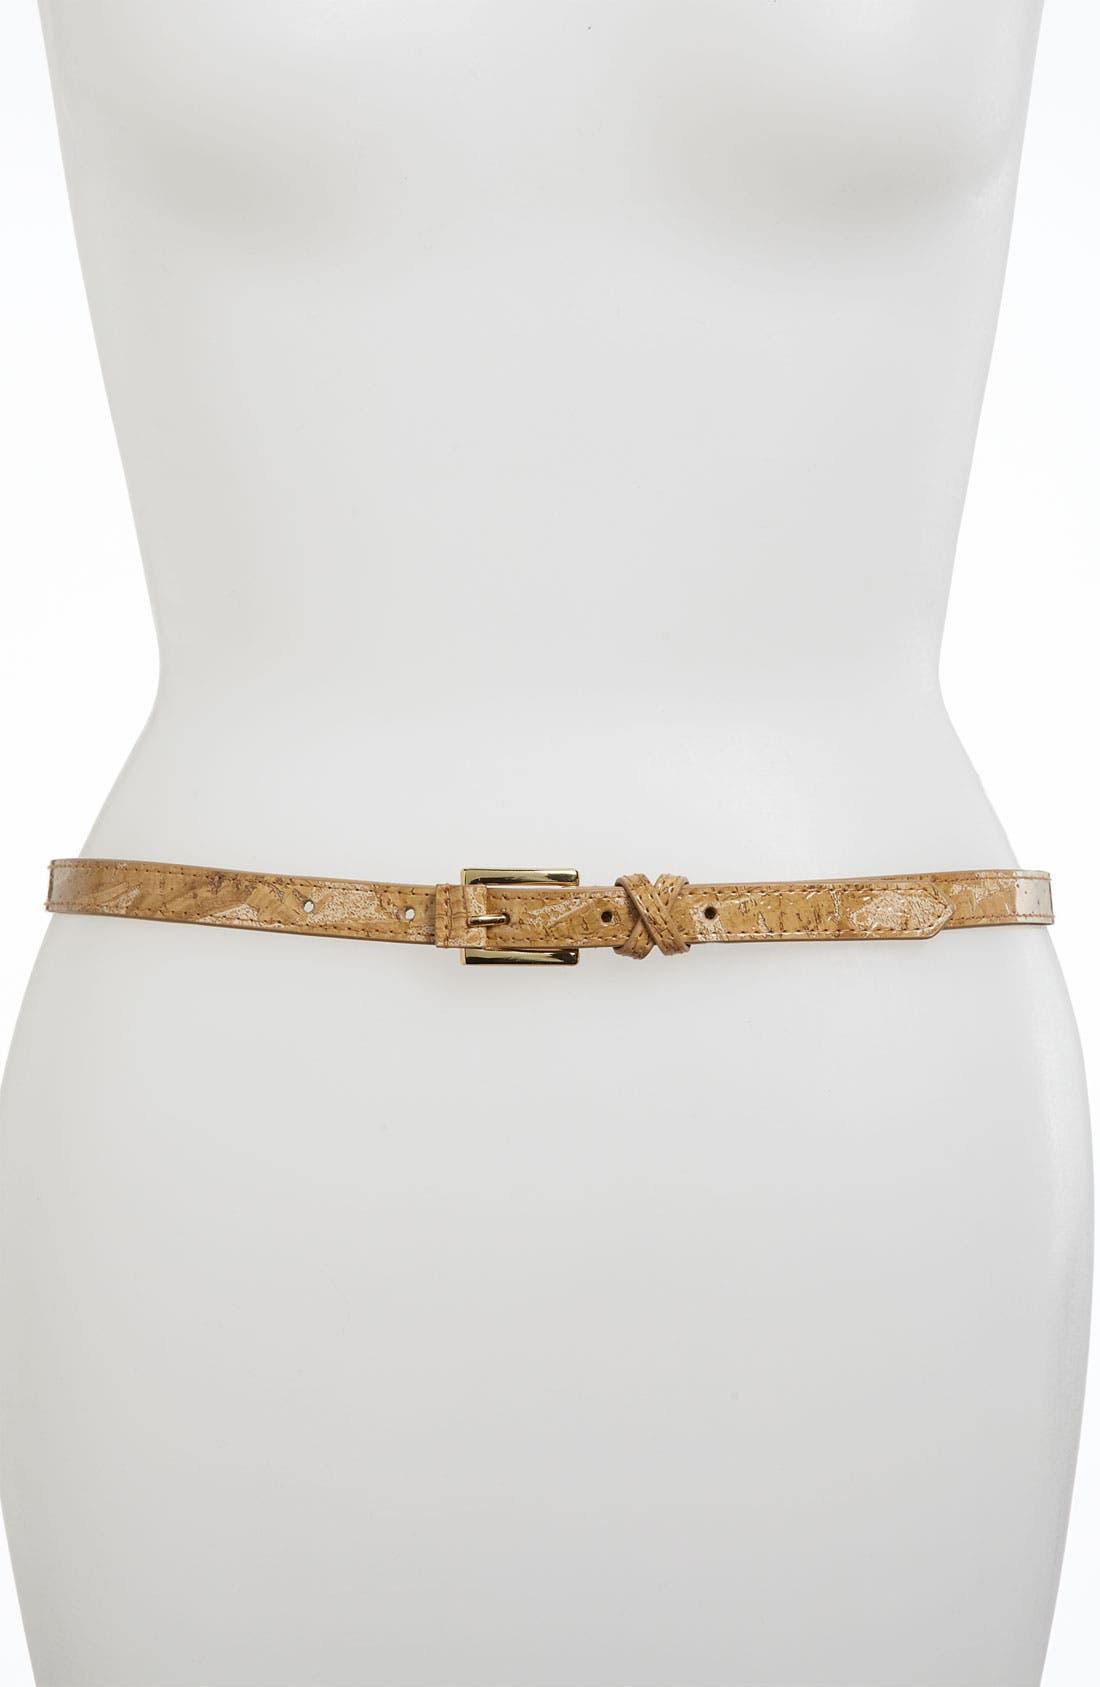 Main Image - Via Spiga 'Cork' Skinny Belt